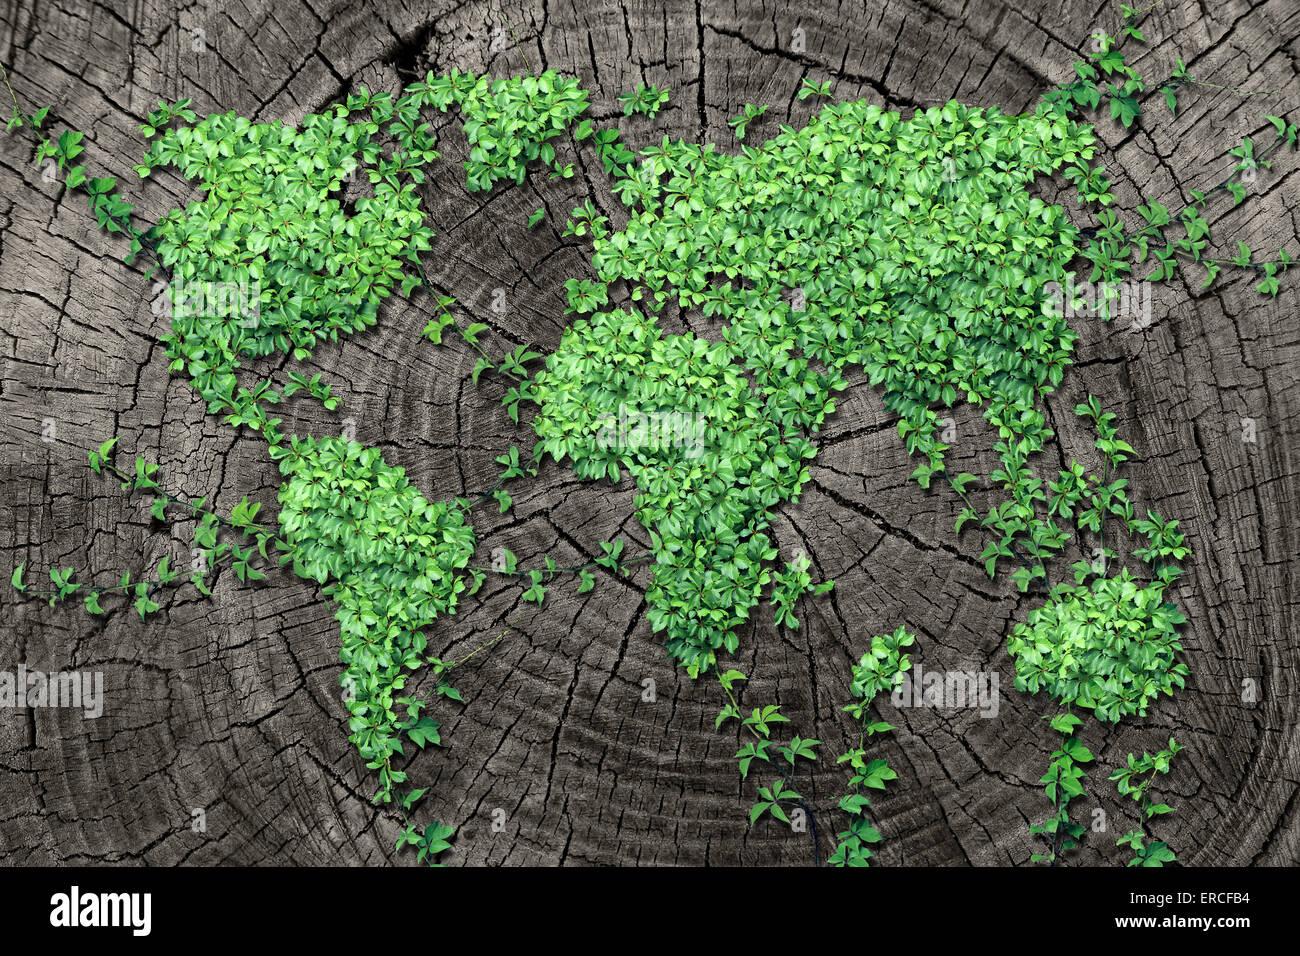 Diffusione globale del concetto e lo sviluppo come un concetto di business con una mappa del mondo fatto di un gruppo Immagini Stock